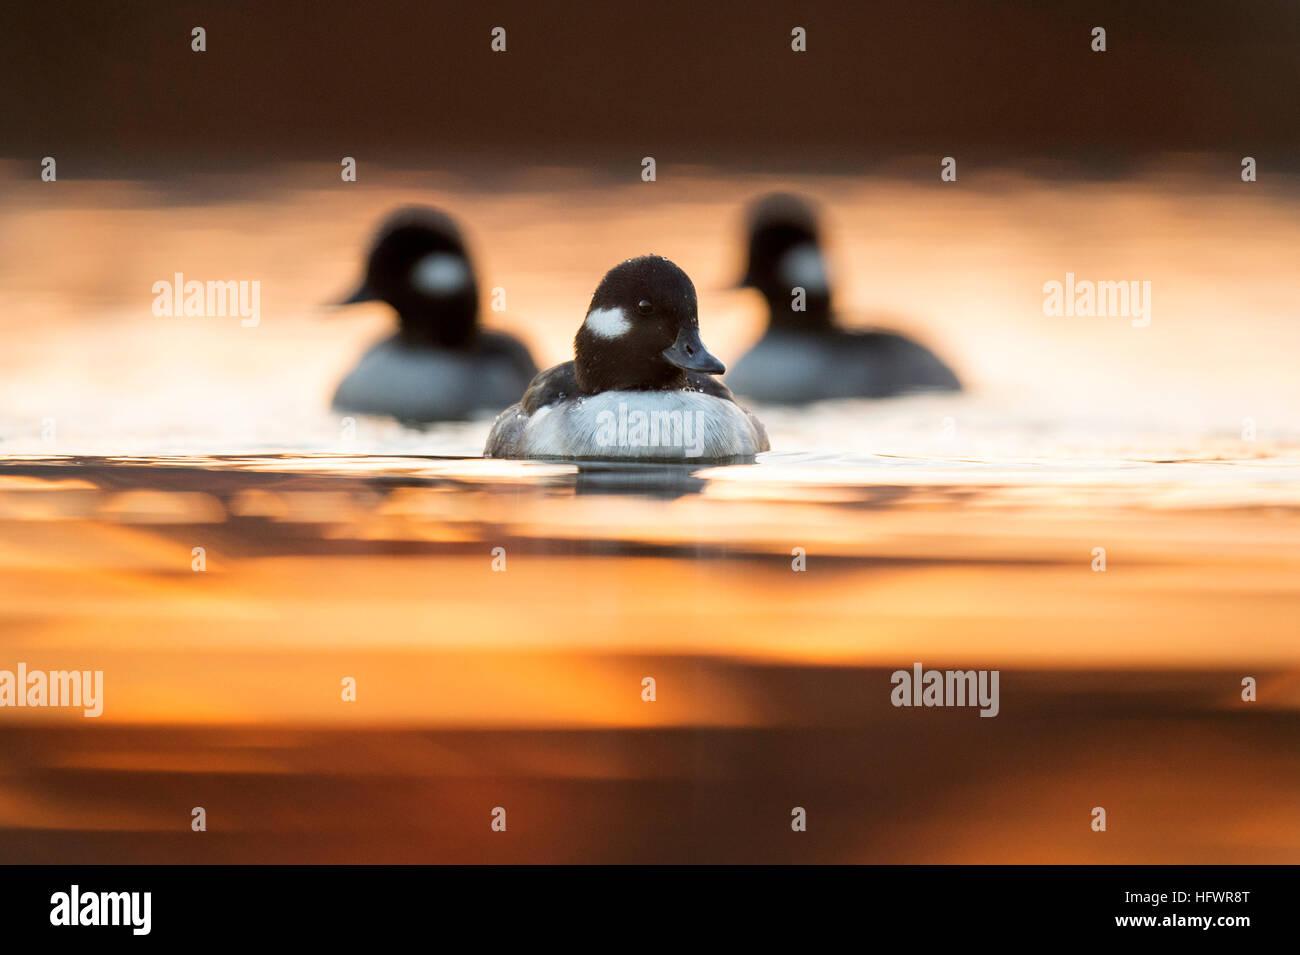 Eine kleine Gruppe von Bufflehead Hühner schwimmen direkt auf mich in der Reflexion der aufgehenden Sonne. Stockbild